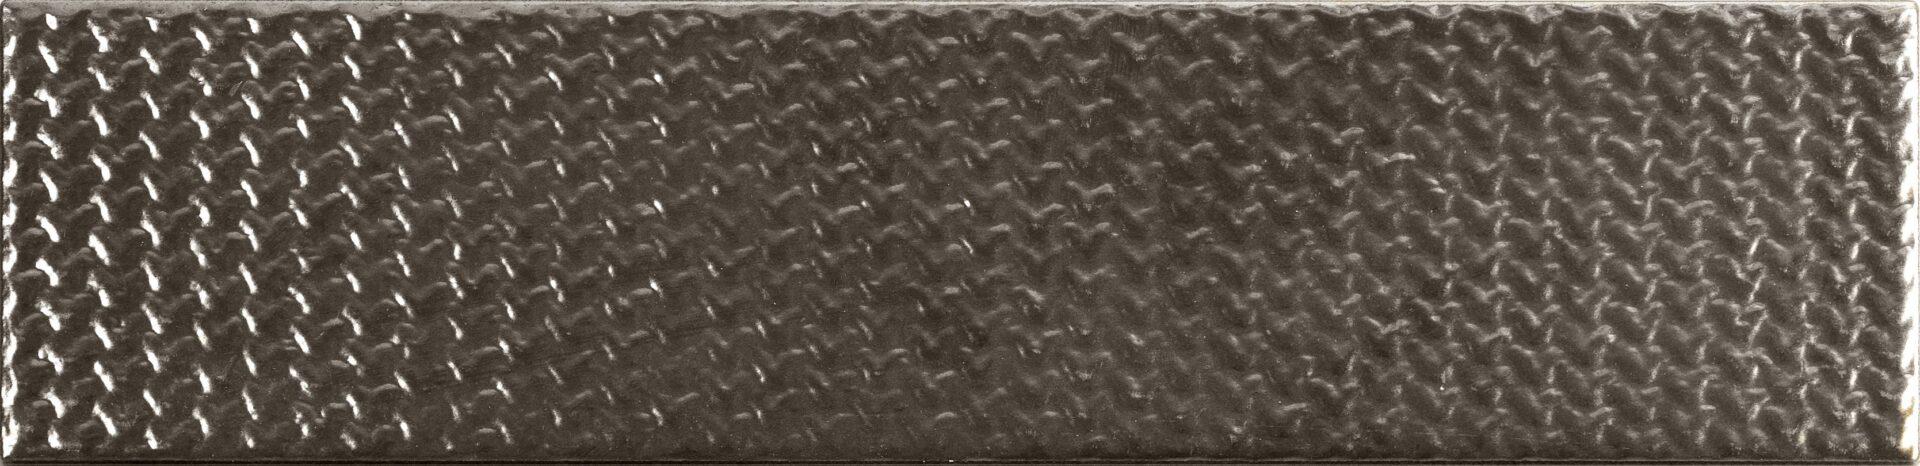 Metaallook tegels